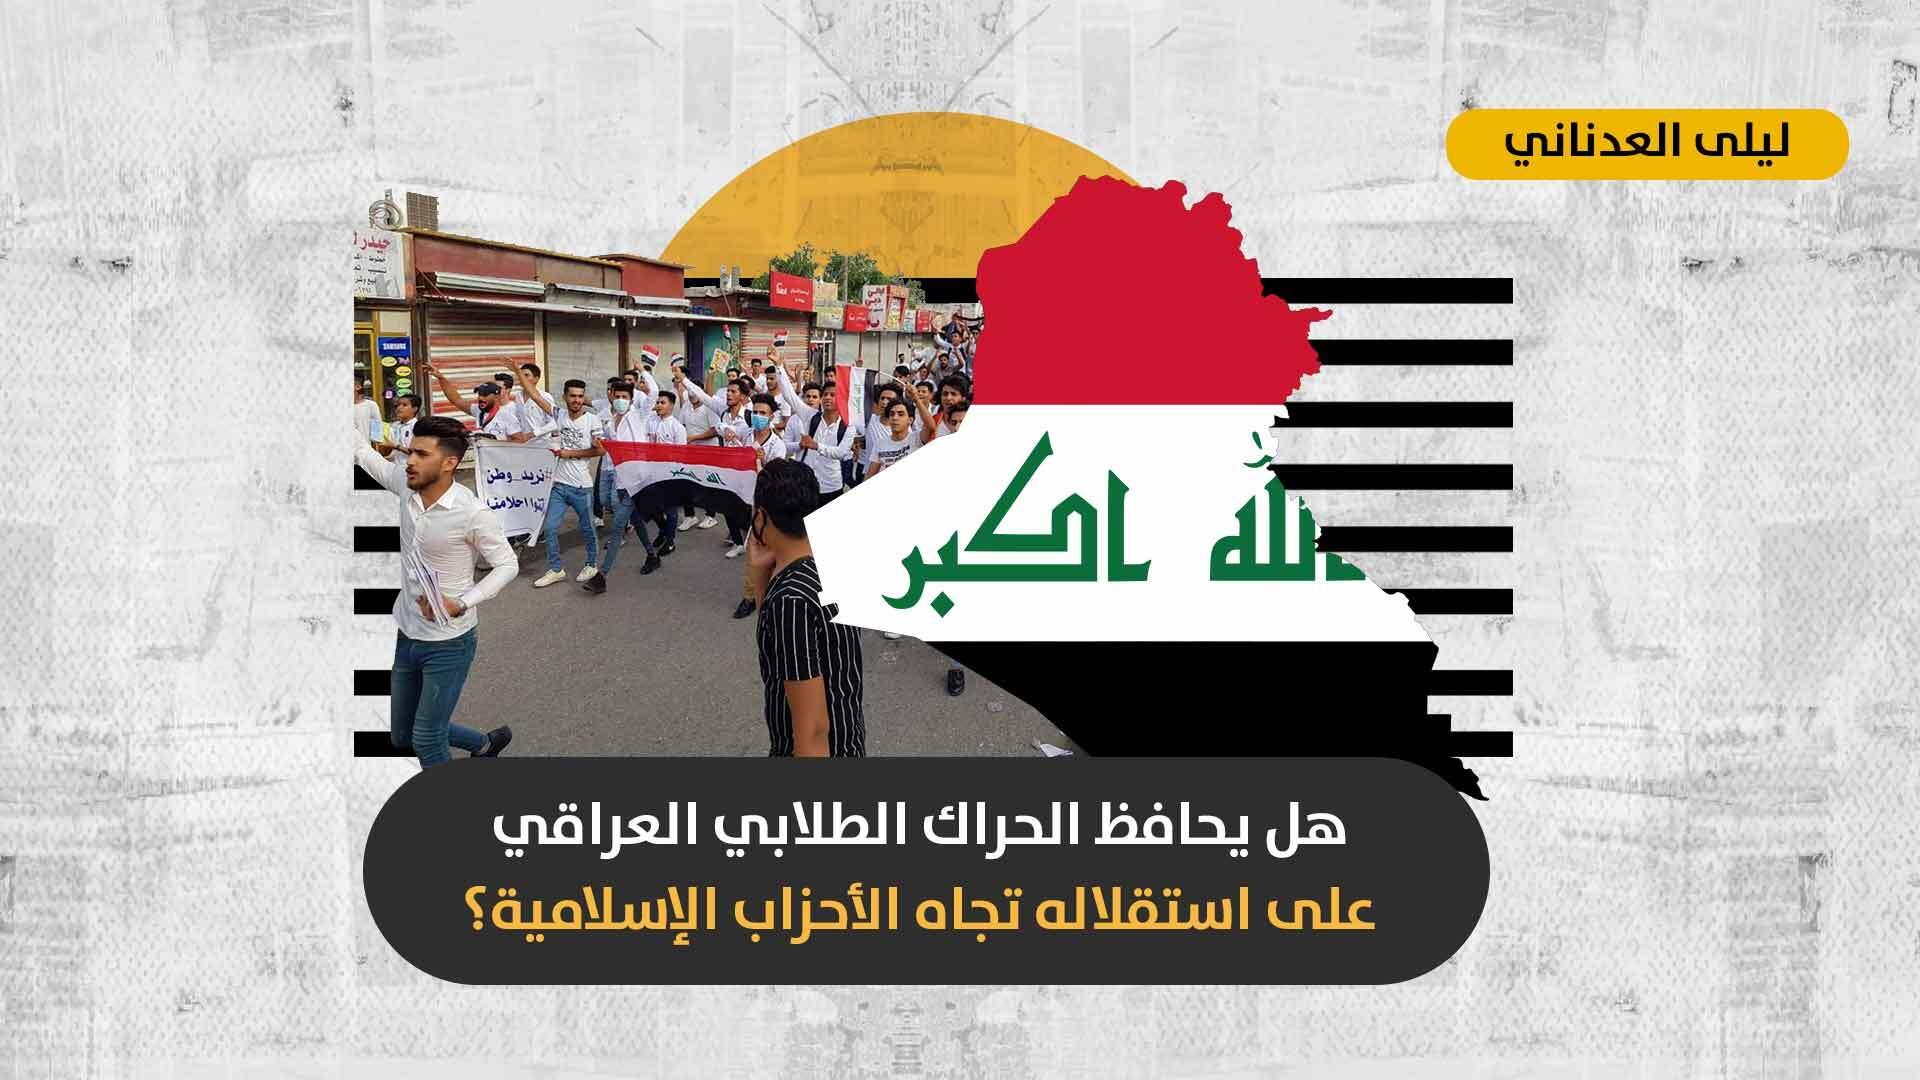 الحراك الطلابي في العراق: انتفاضة جيل جديد أم نقمةٌ عفوية استغلّتها القوى السياسية المتنفّذة